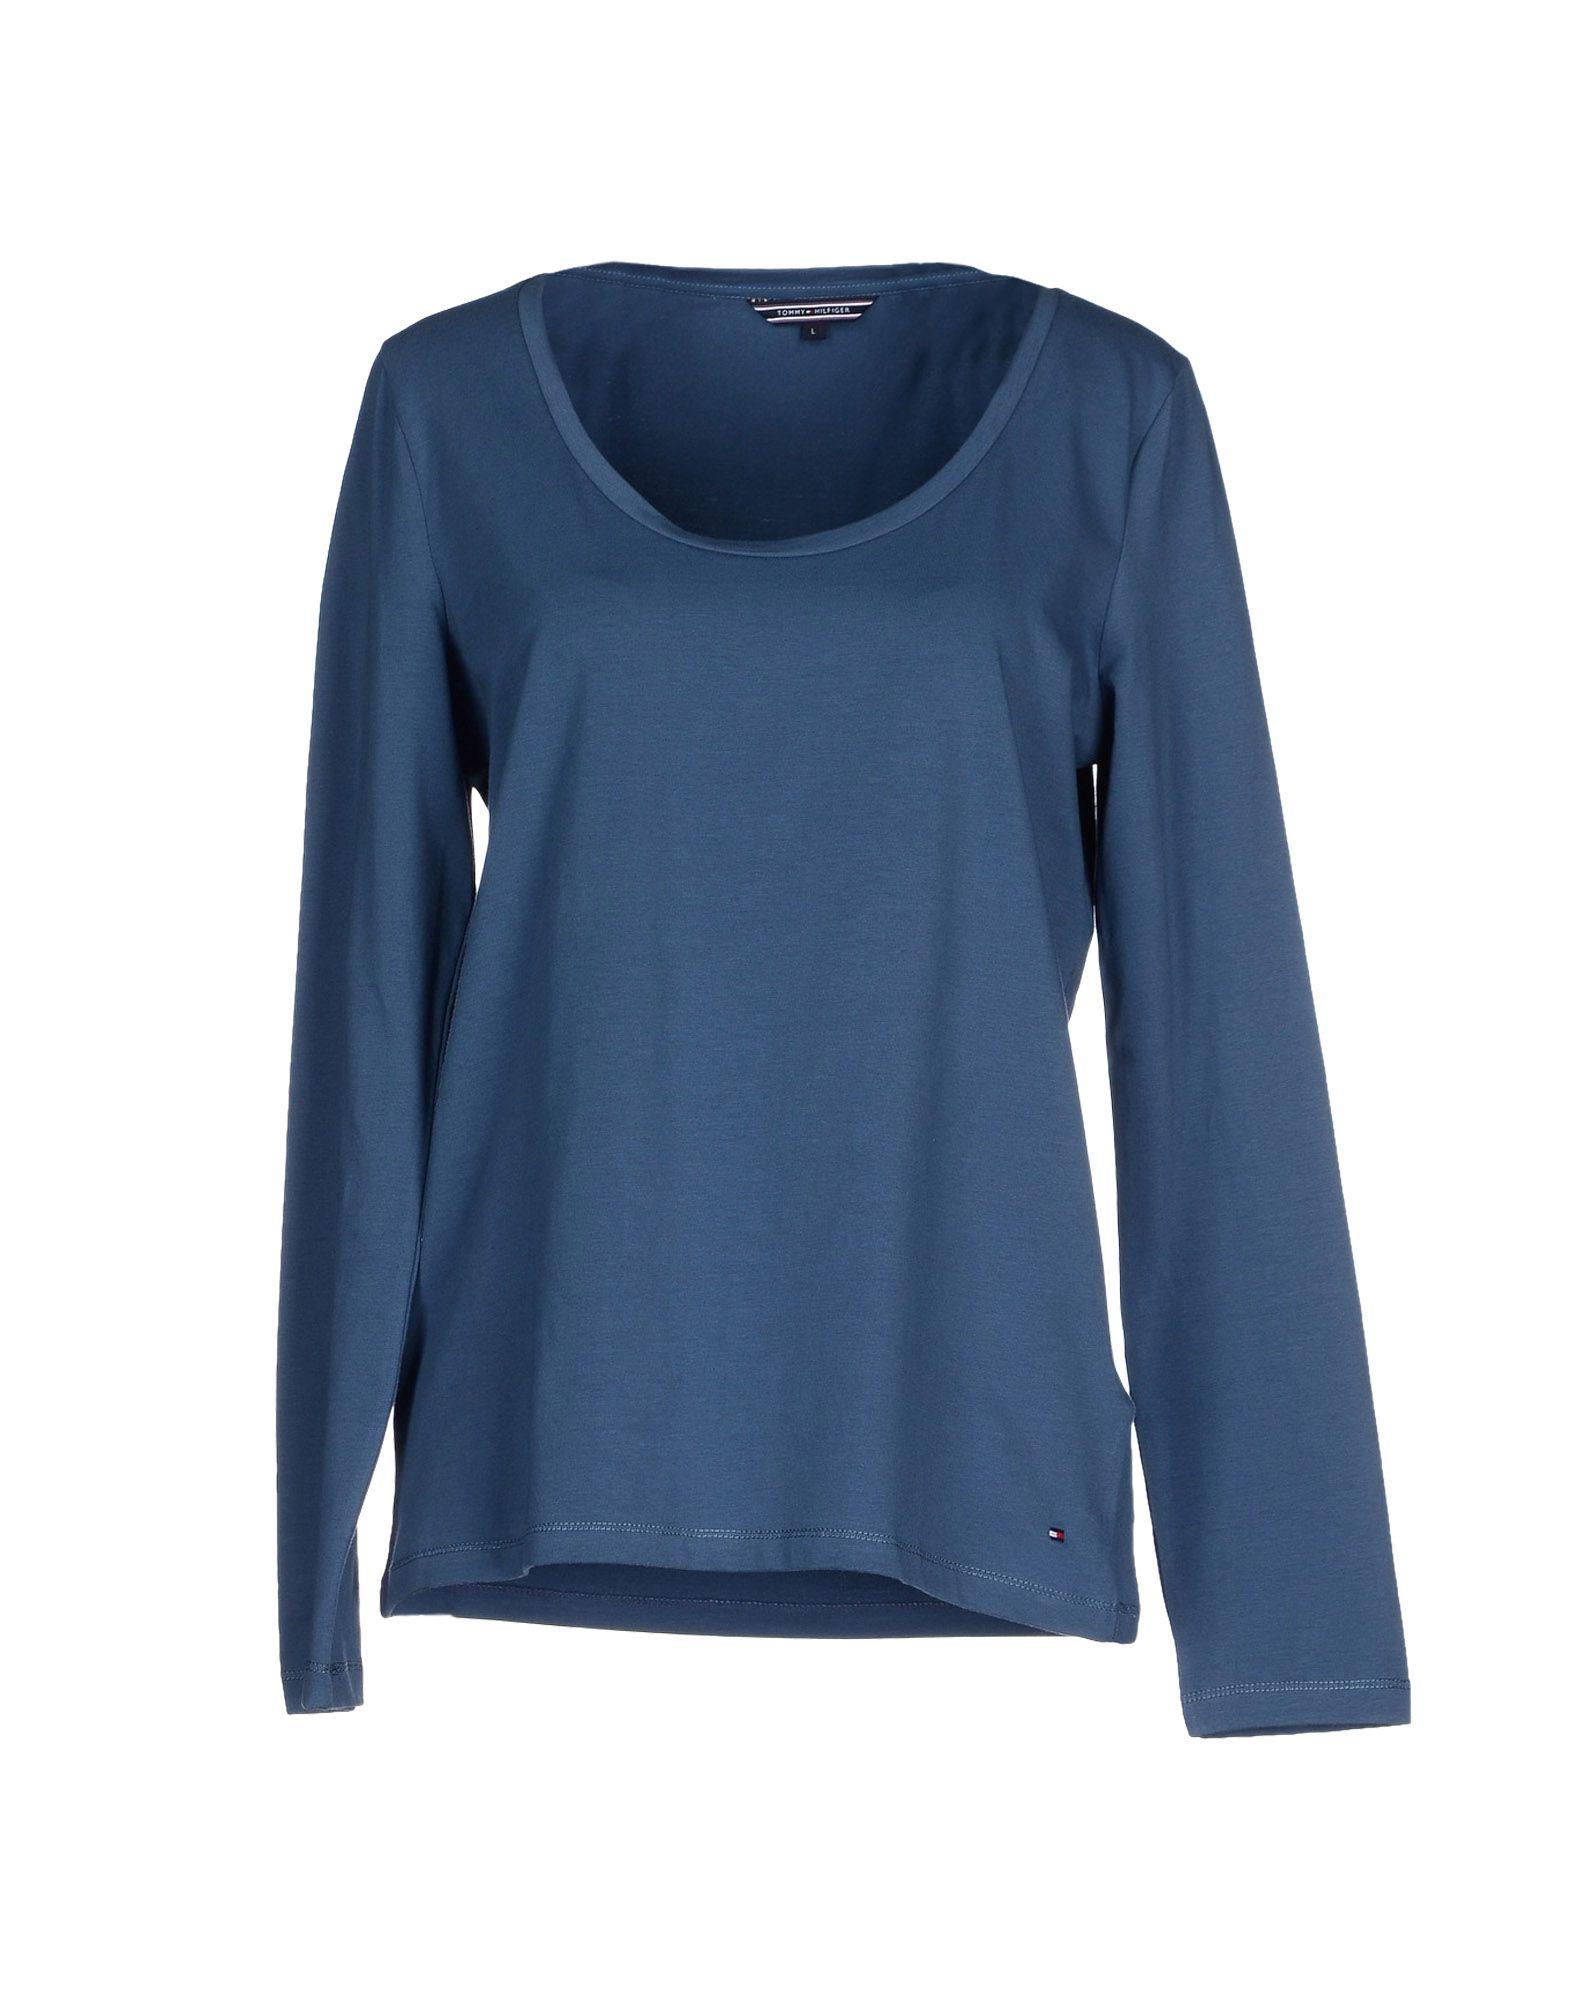 tommy hilfiger t shirt in blue pastel blue lyst. Black Bedroom Furniture Sets. Home Design Ideas